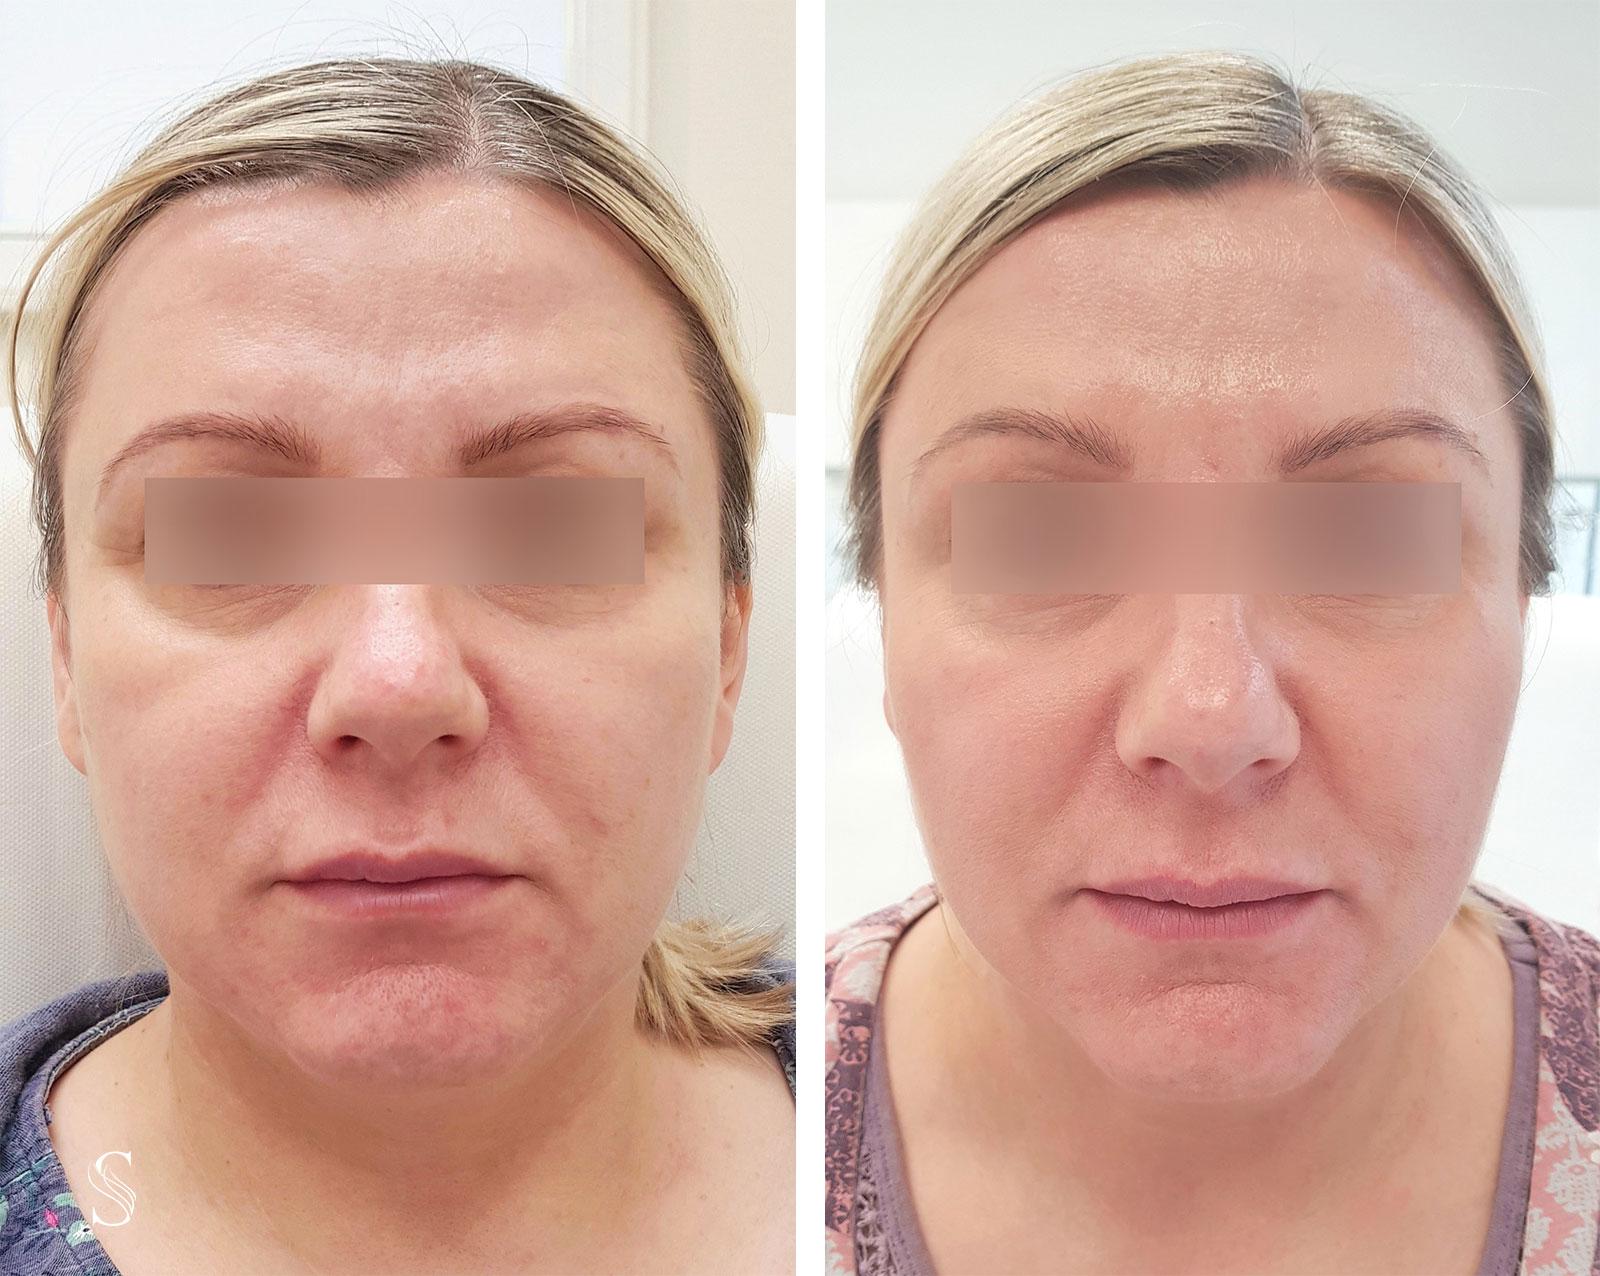 wyszczuplenie twarzy krakow - PRZED I PO